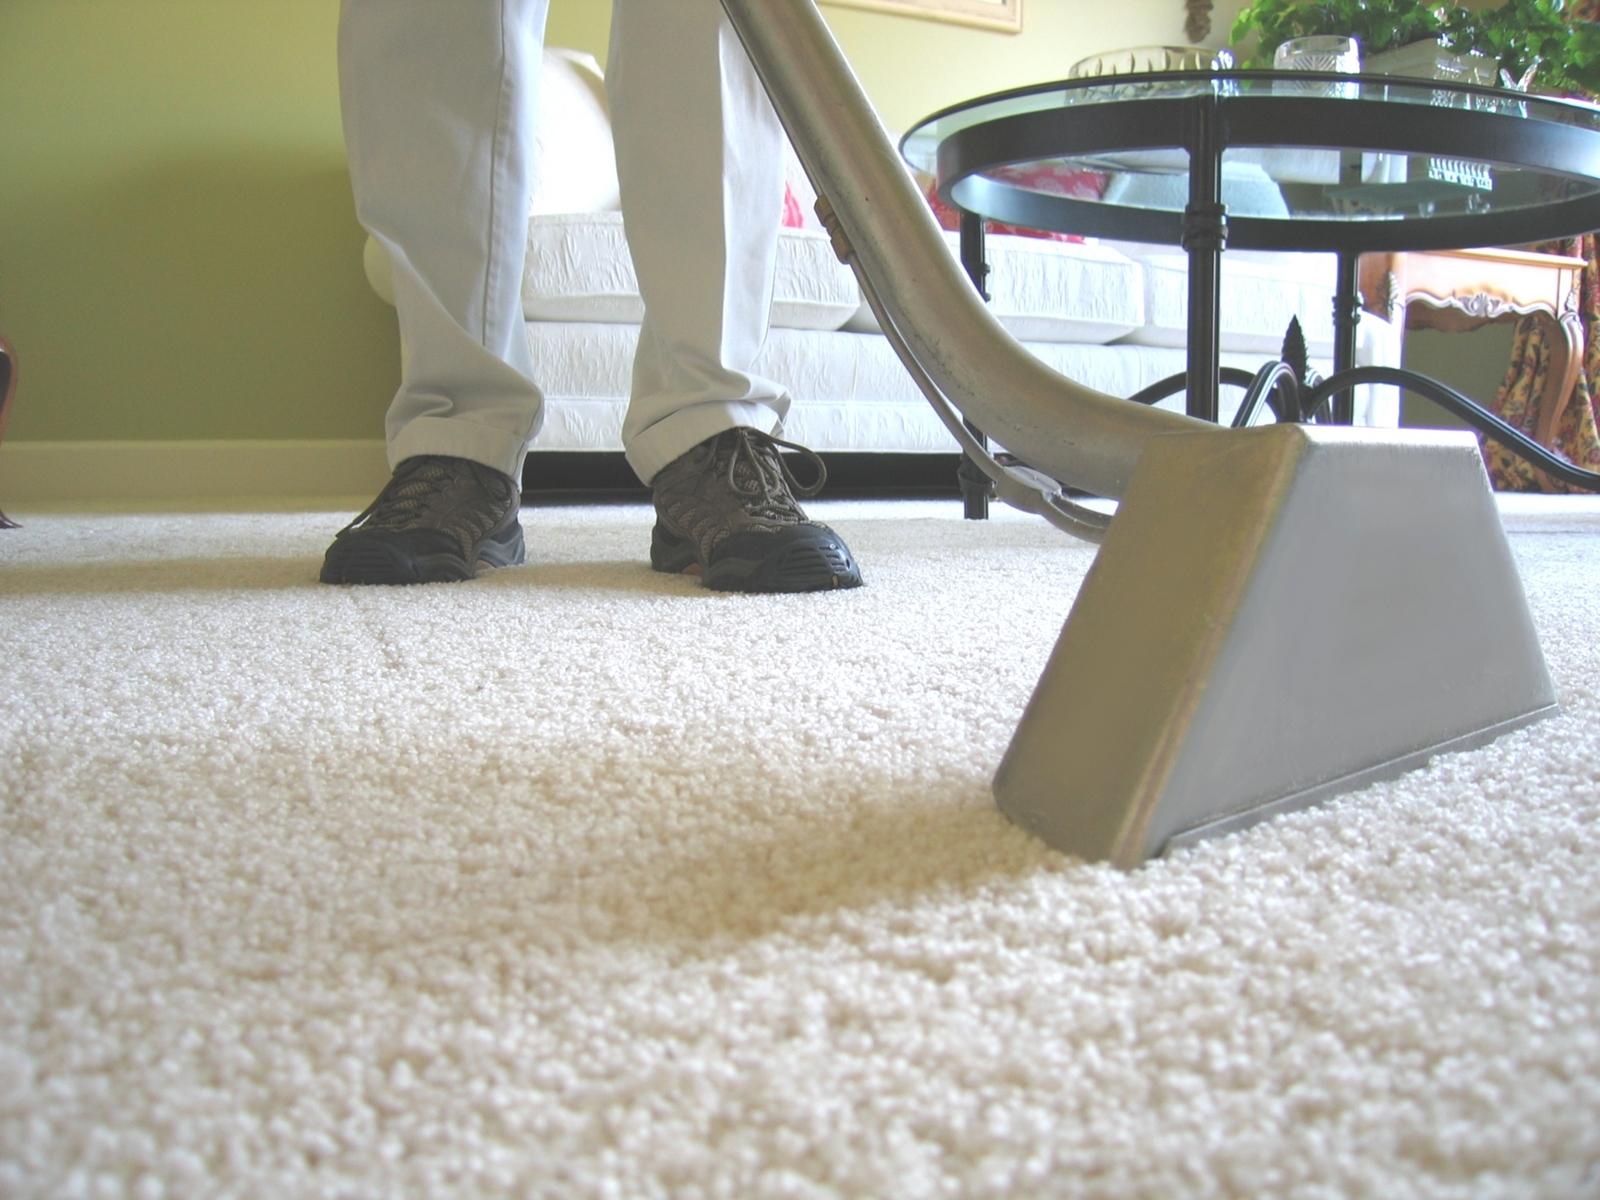 Специалисты рекомендуют выбирать средства для чистки ковров предельно тщательно